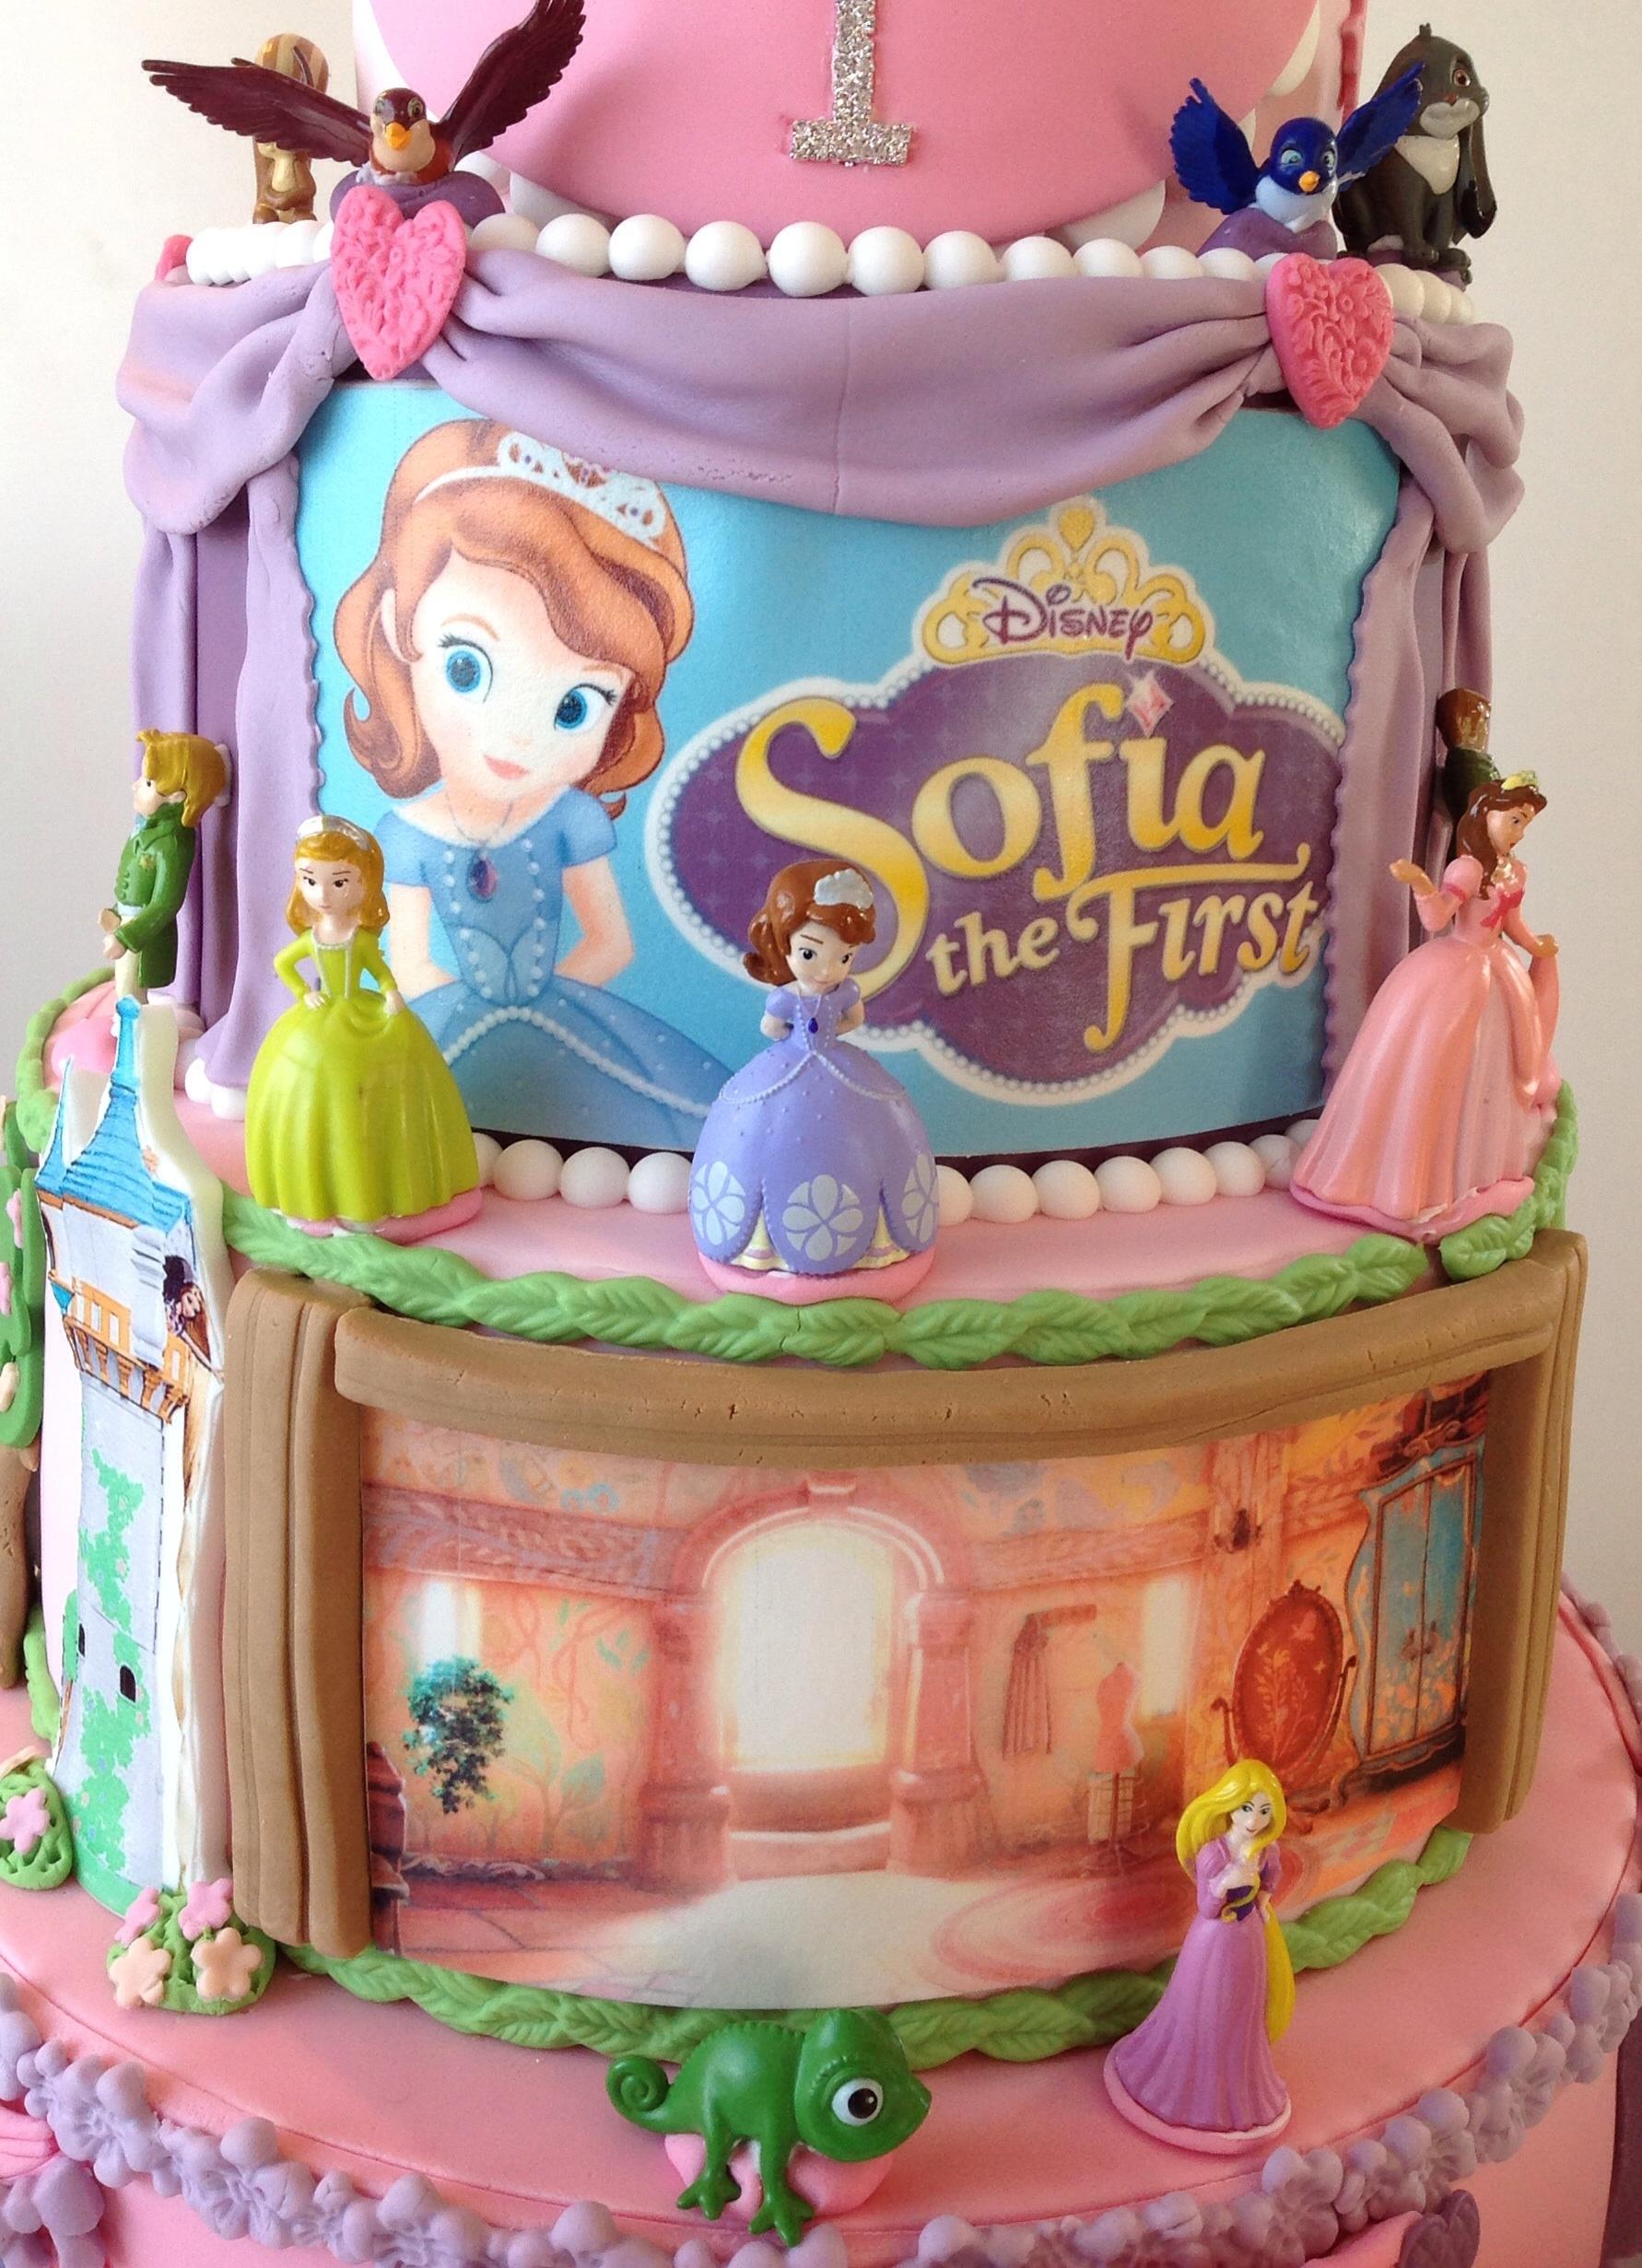 Birthday Cakes Of Disney Princess